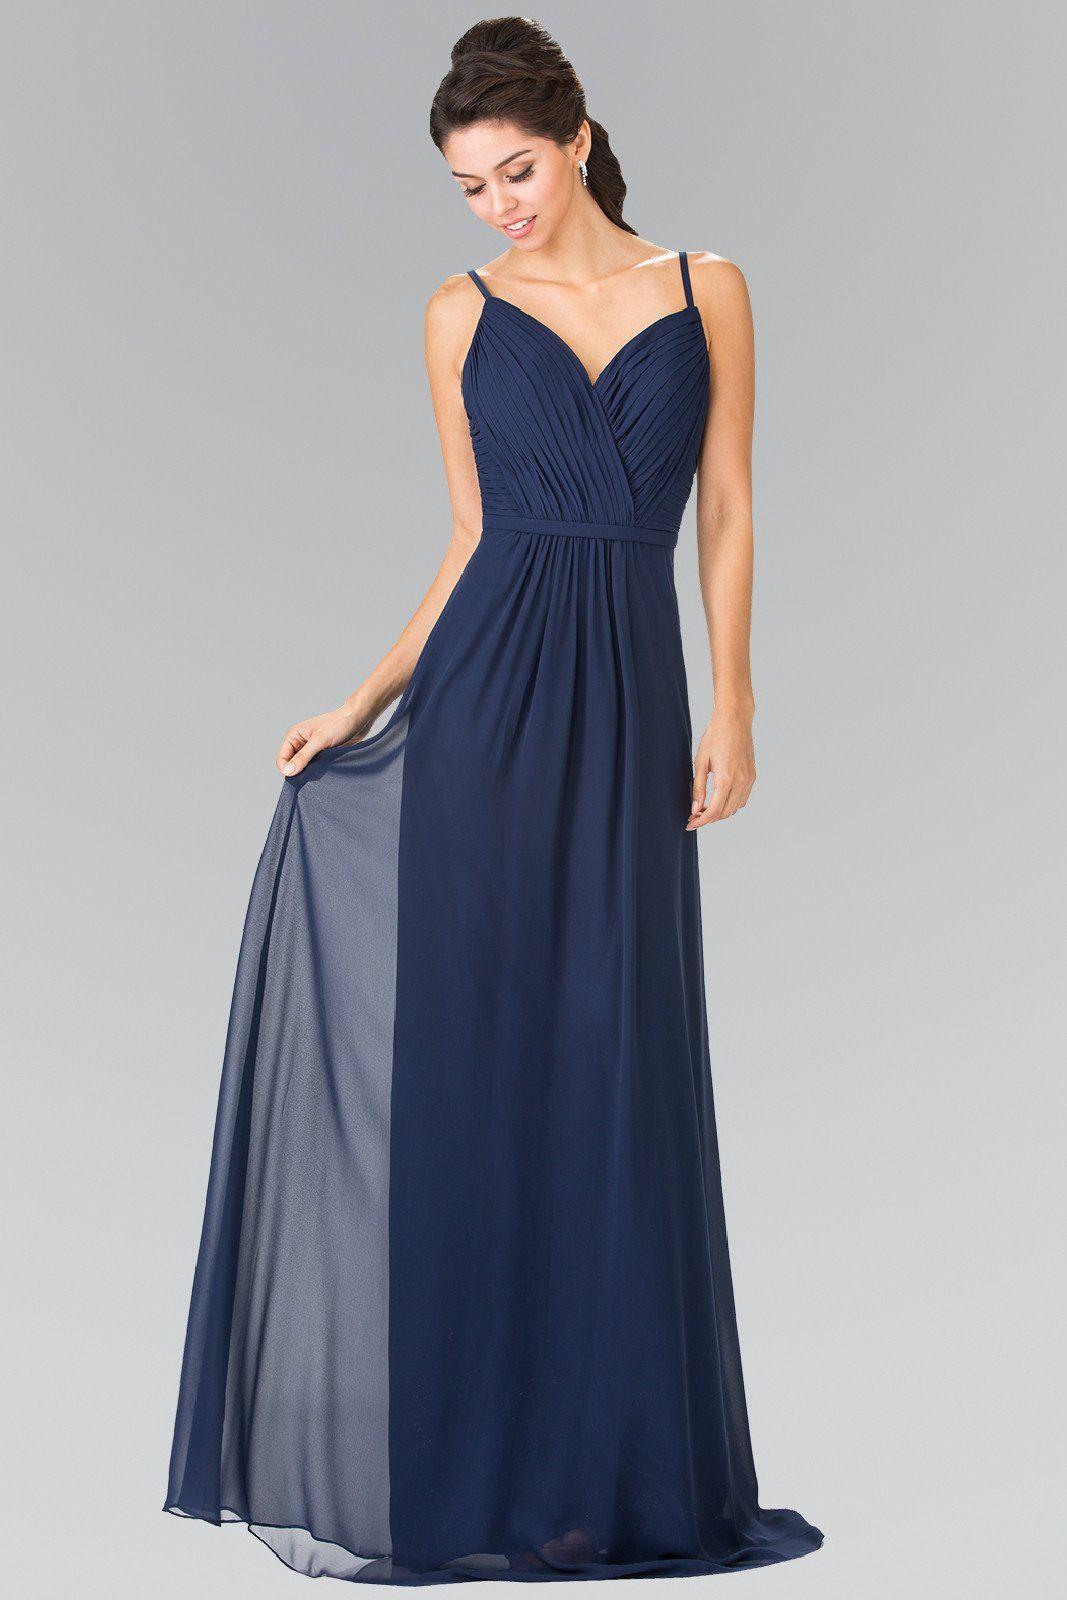 Long sweetheart spaghetti strap pleated dress by elizabeth k gl